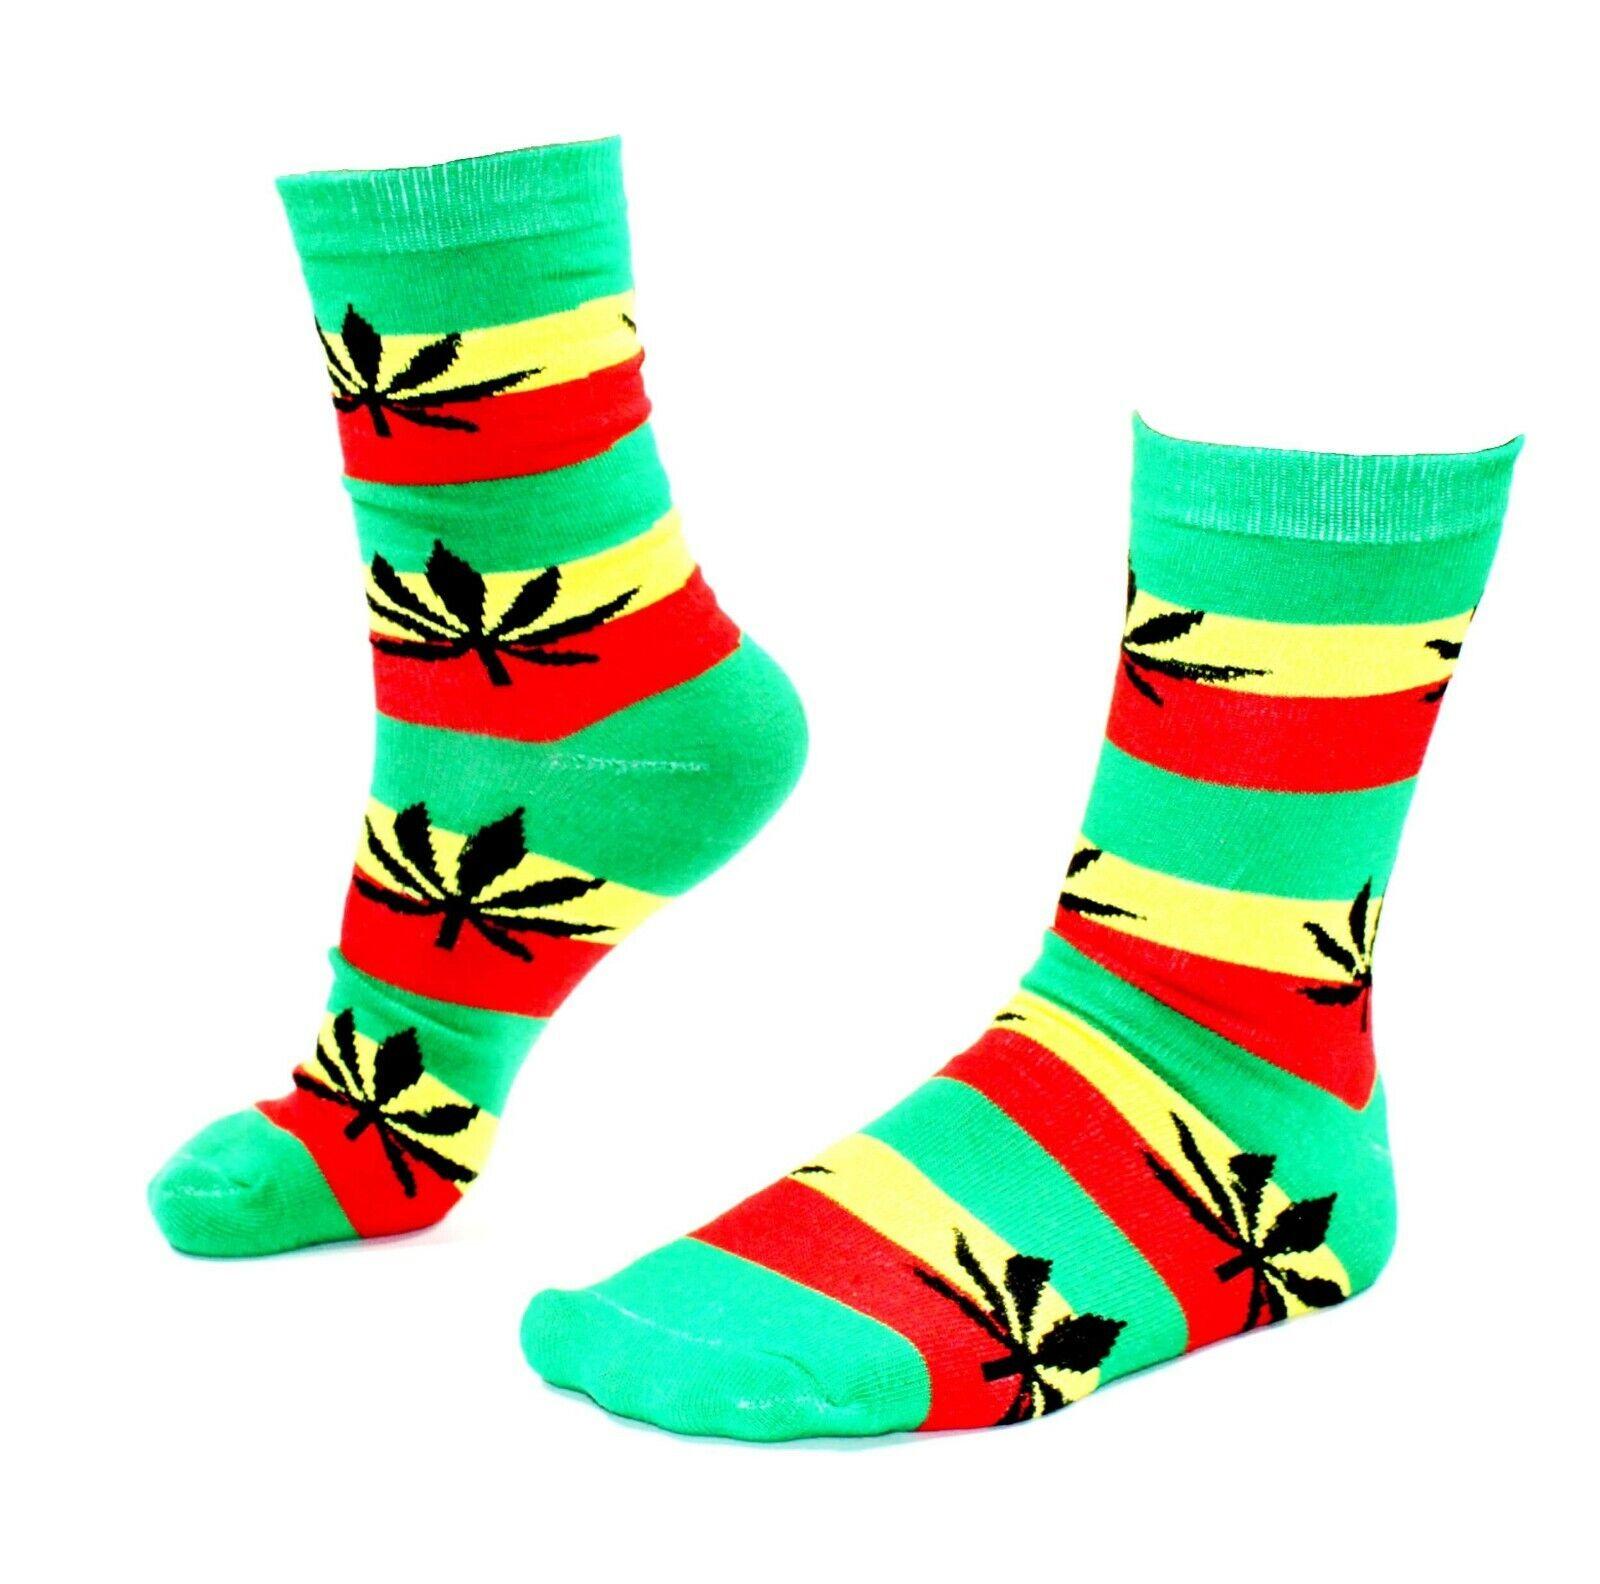 Damen Freizeit Socken Halblang Jamaica mit schwarzen Hanfblättern Gr. 36-42